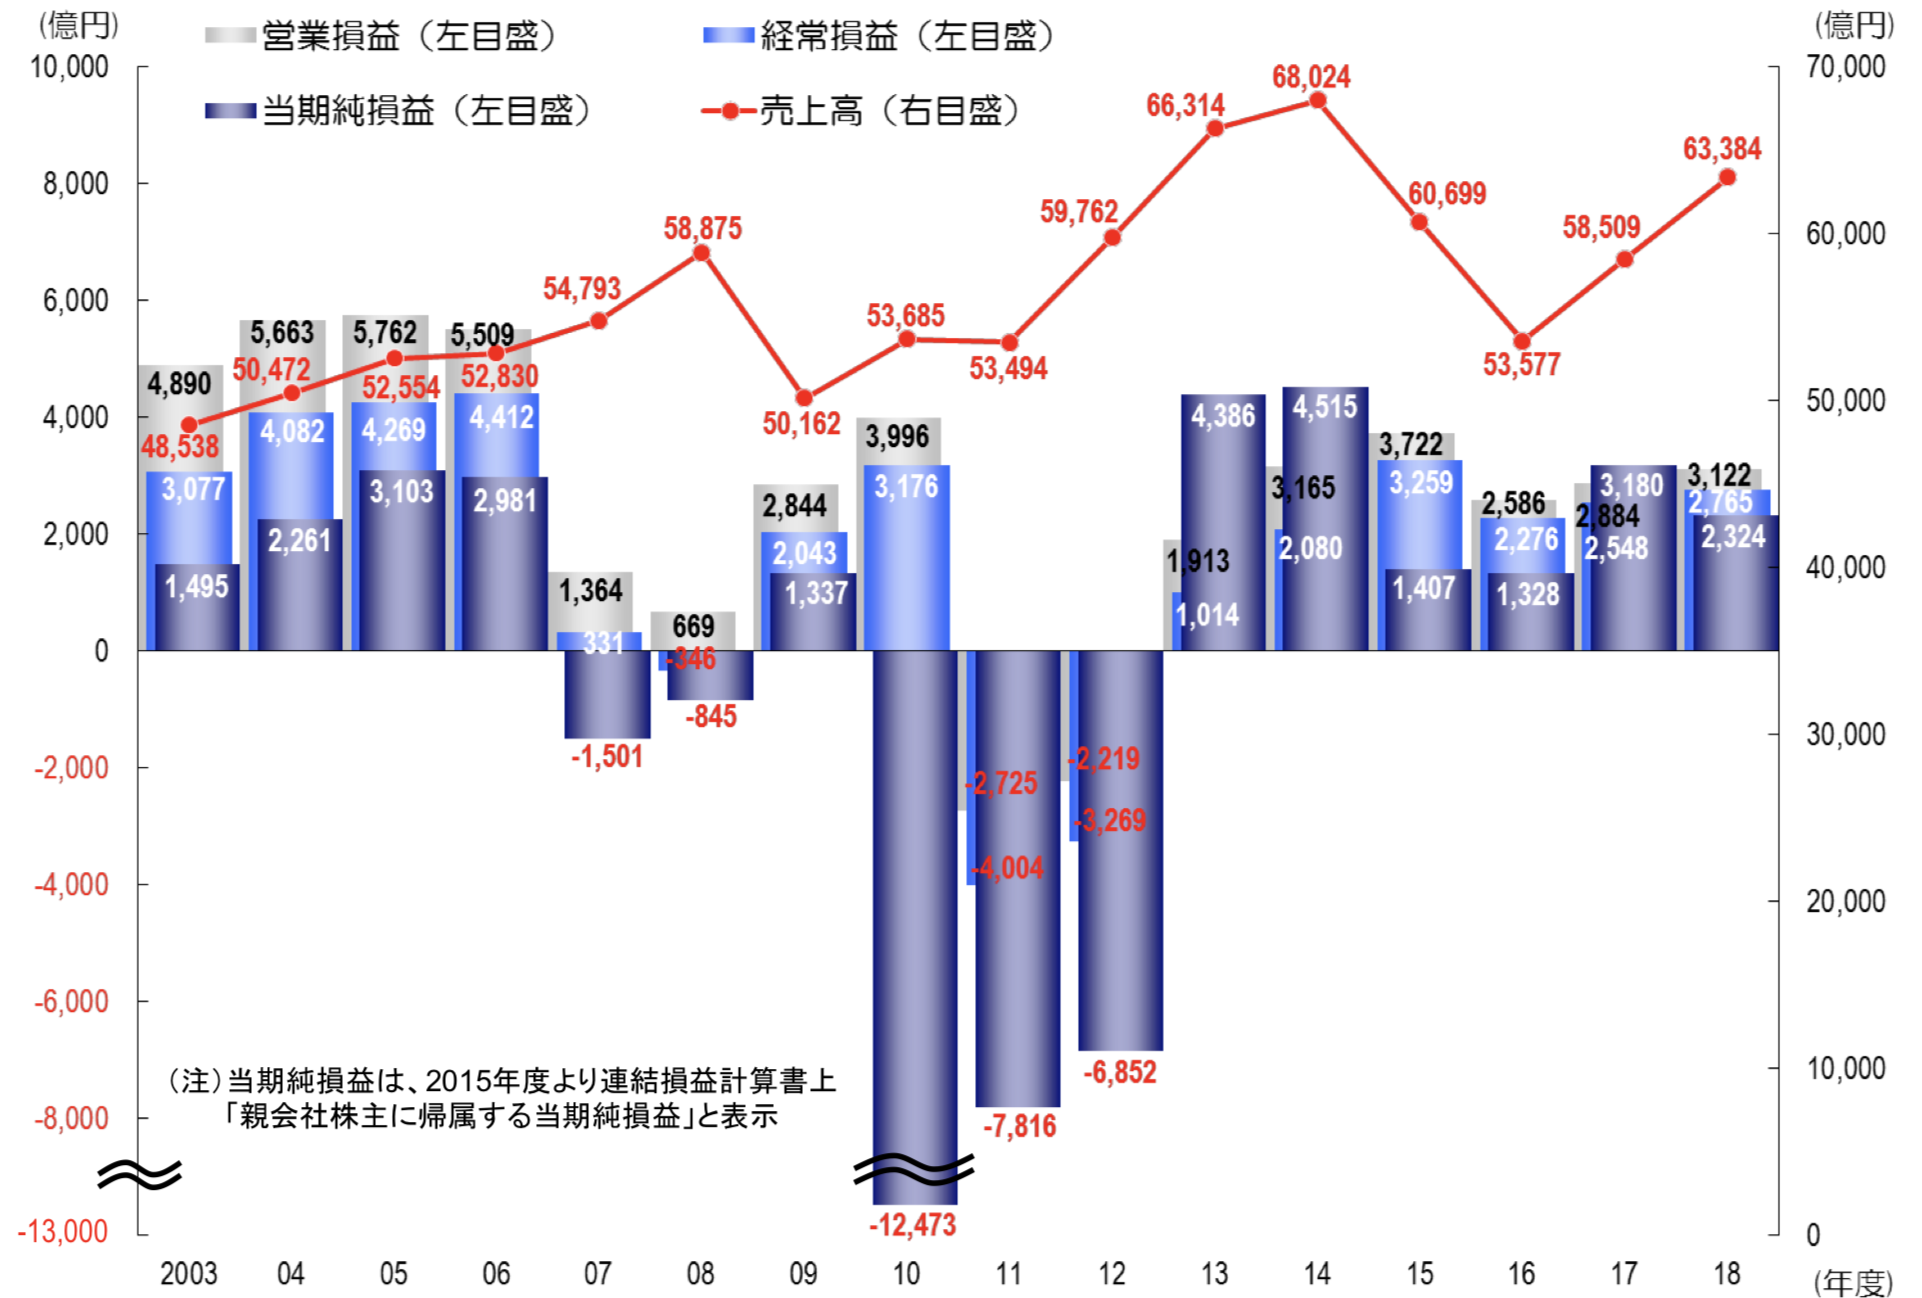 東京電力の売上高、営業利益、経常利益、純利益